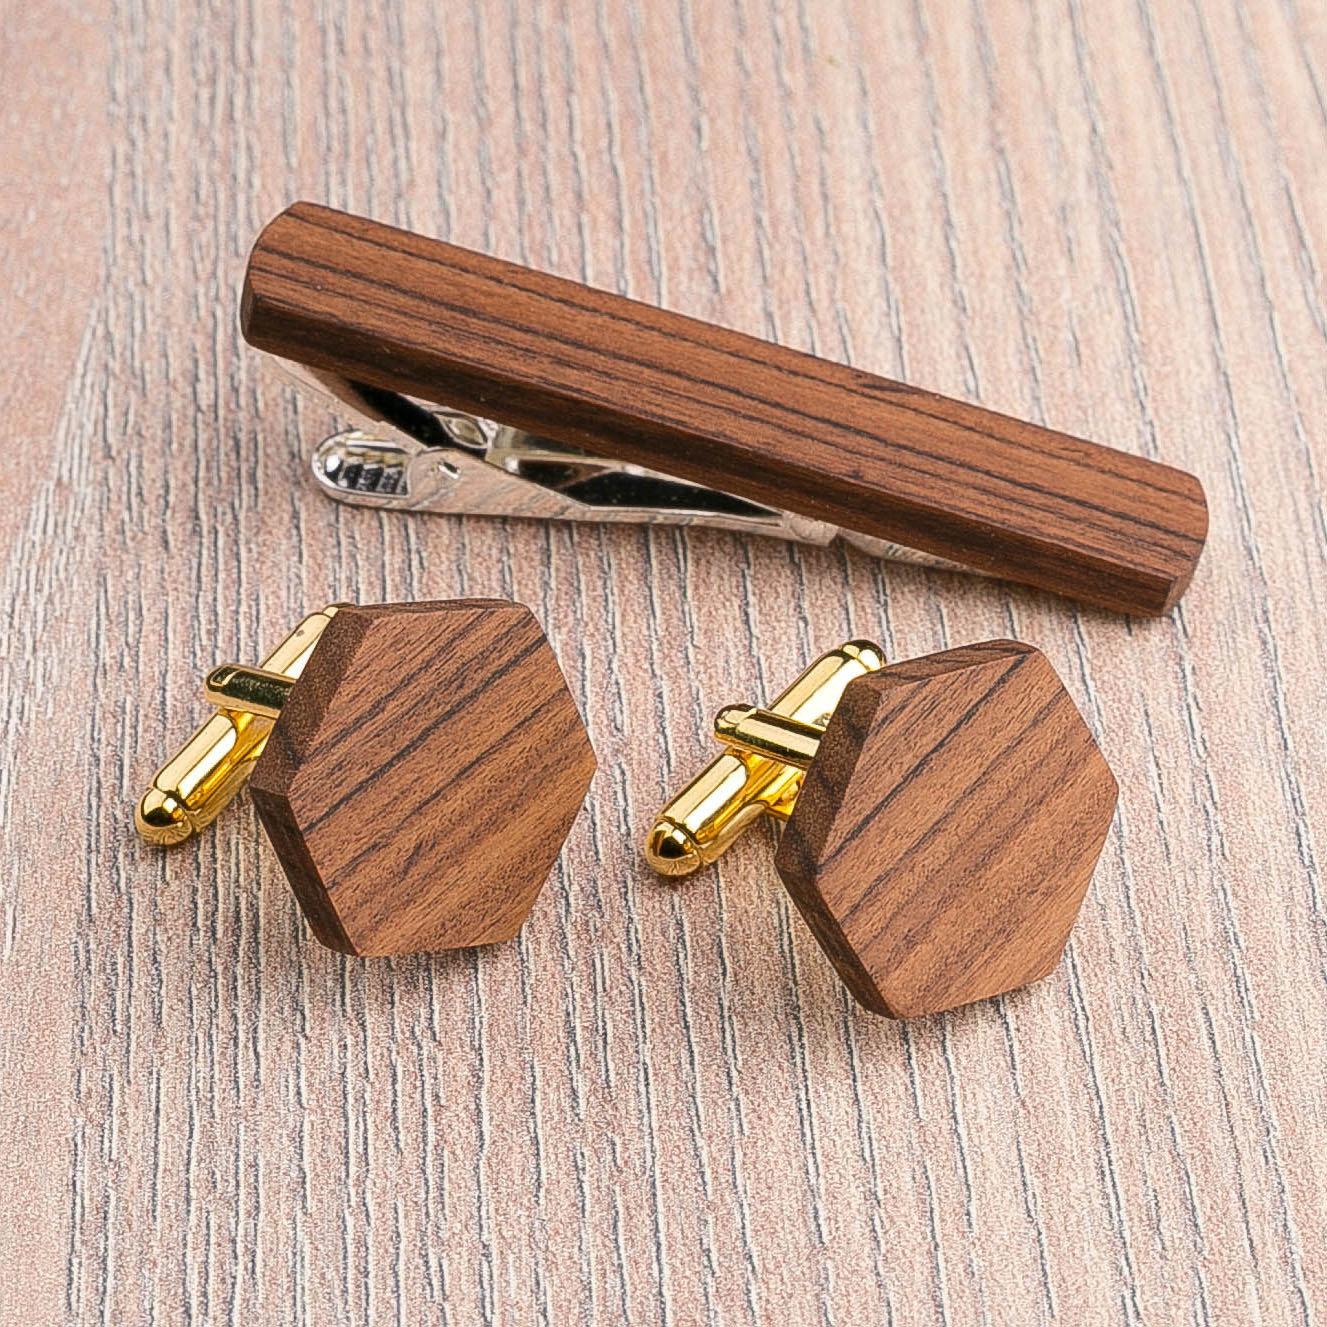 Комплект: Шестигранные запонки из дерева и Деревянный зажим для галстука. Массив палисандра. Гравировка инициалов. Упаковка в комплекте CufflinksSet-OctagonRosewood